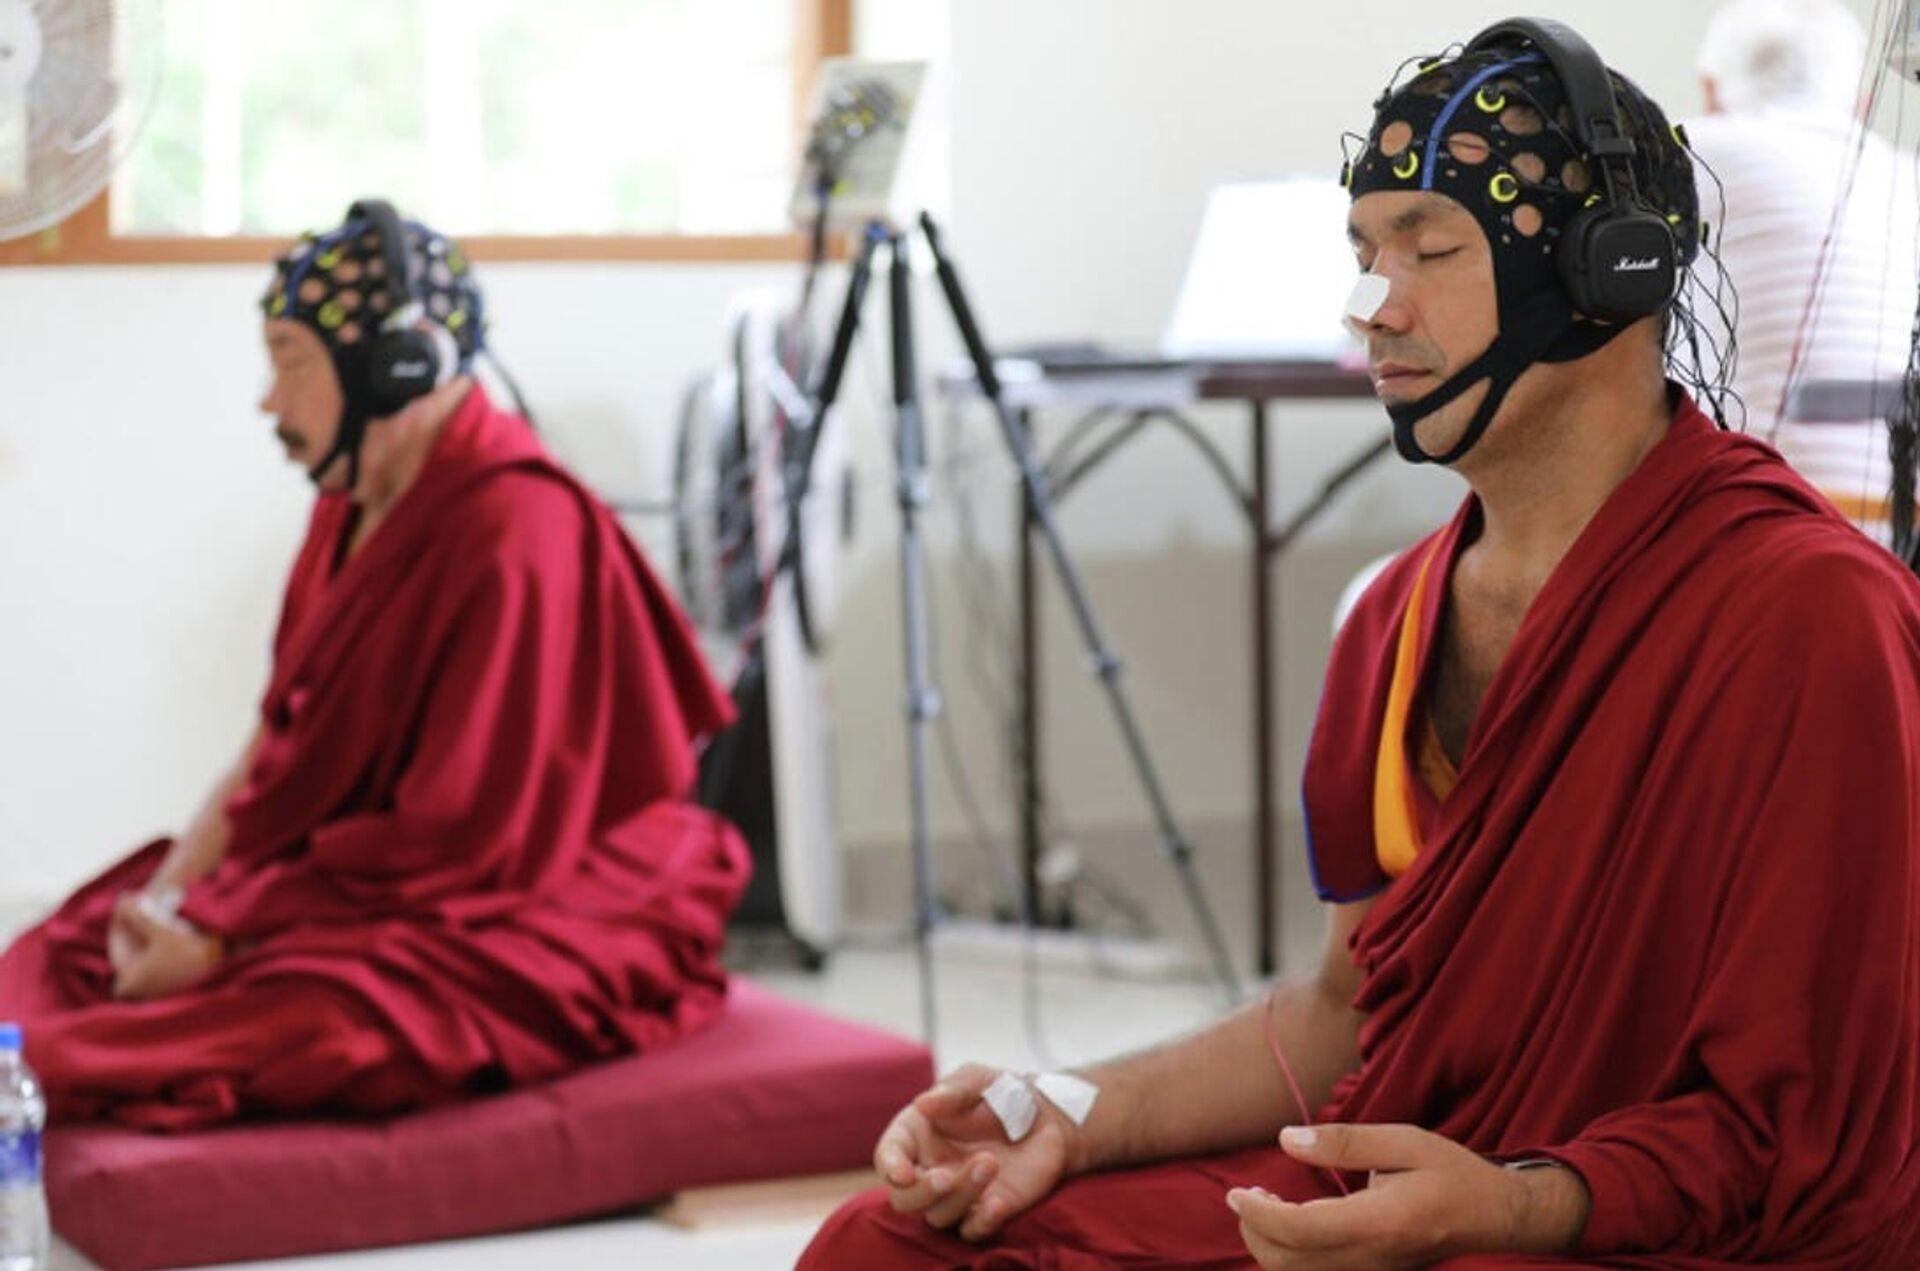 Монахи в состоянии медитации во время исследований (ЭЭГ) - РИА Новости, 1920, 10.11.2020